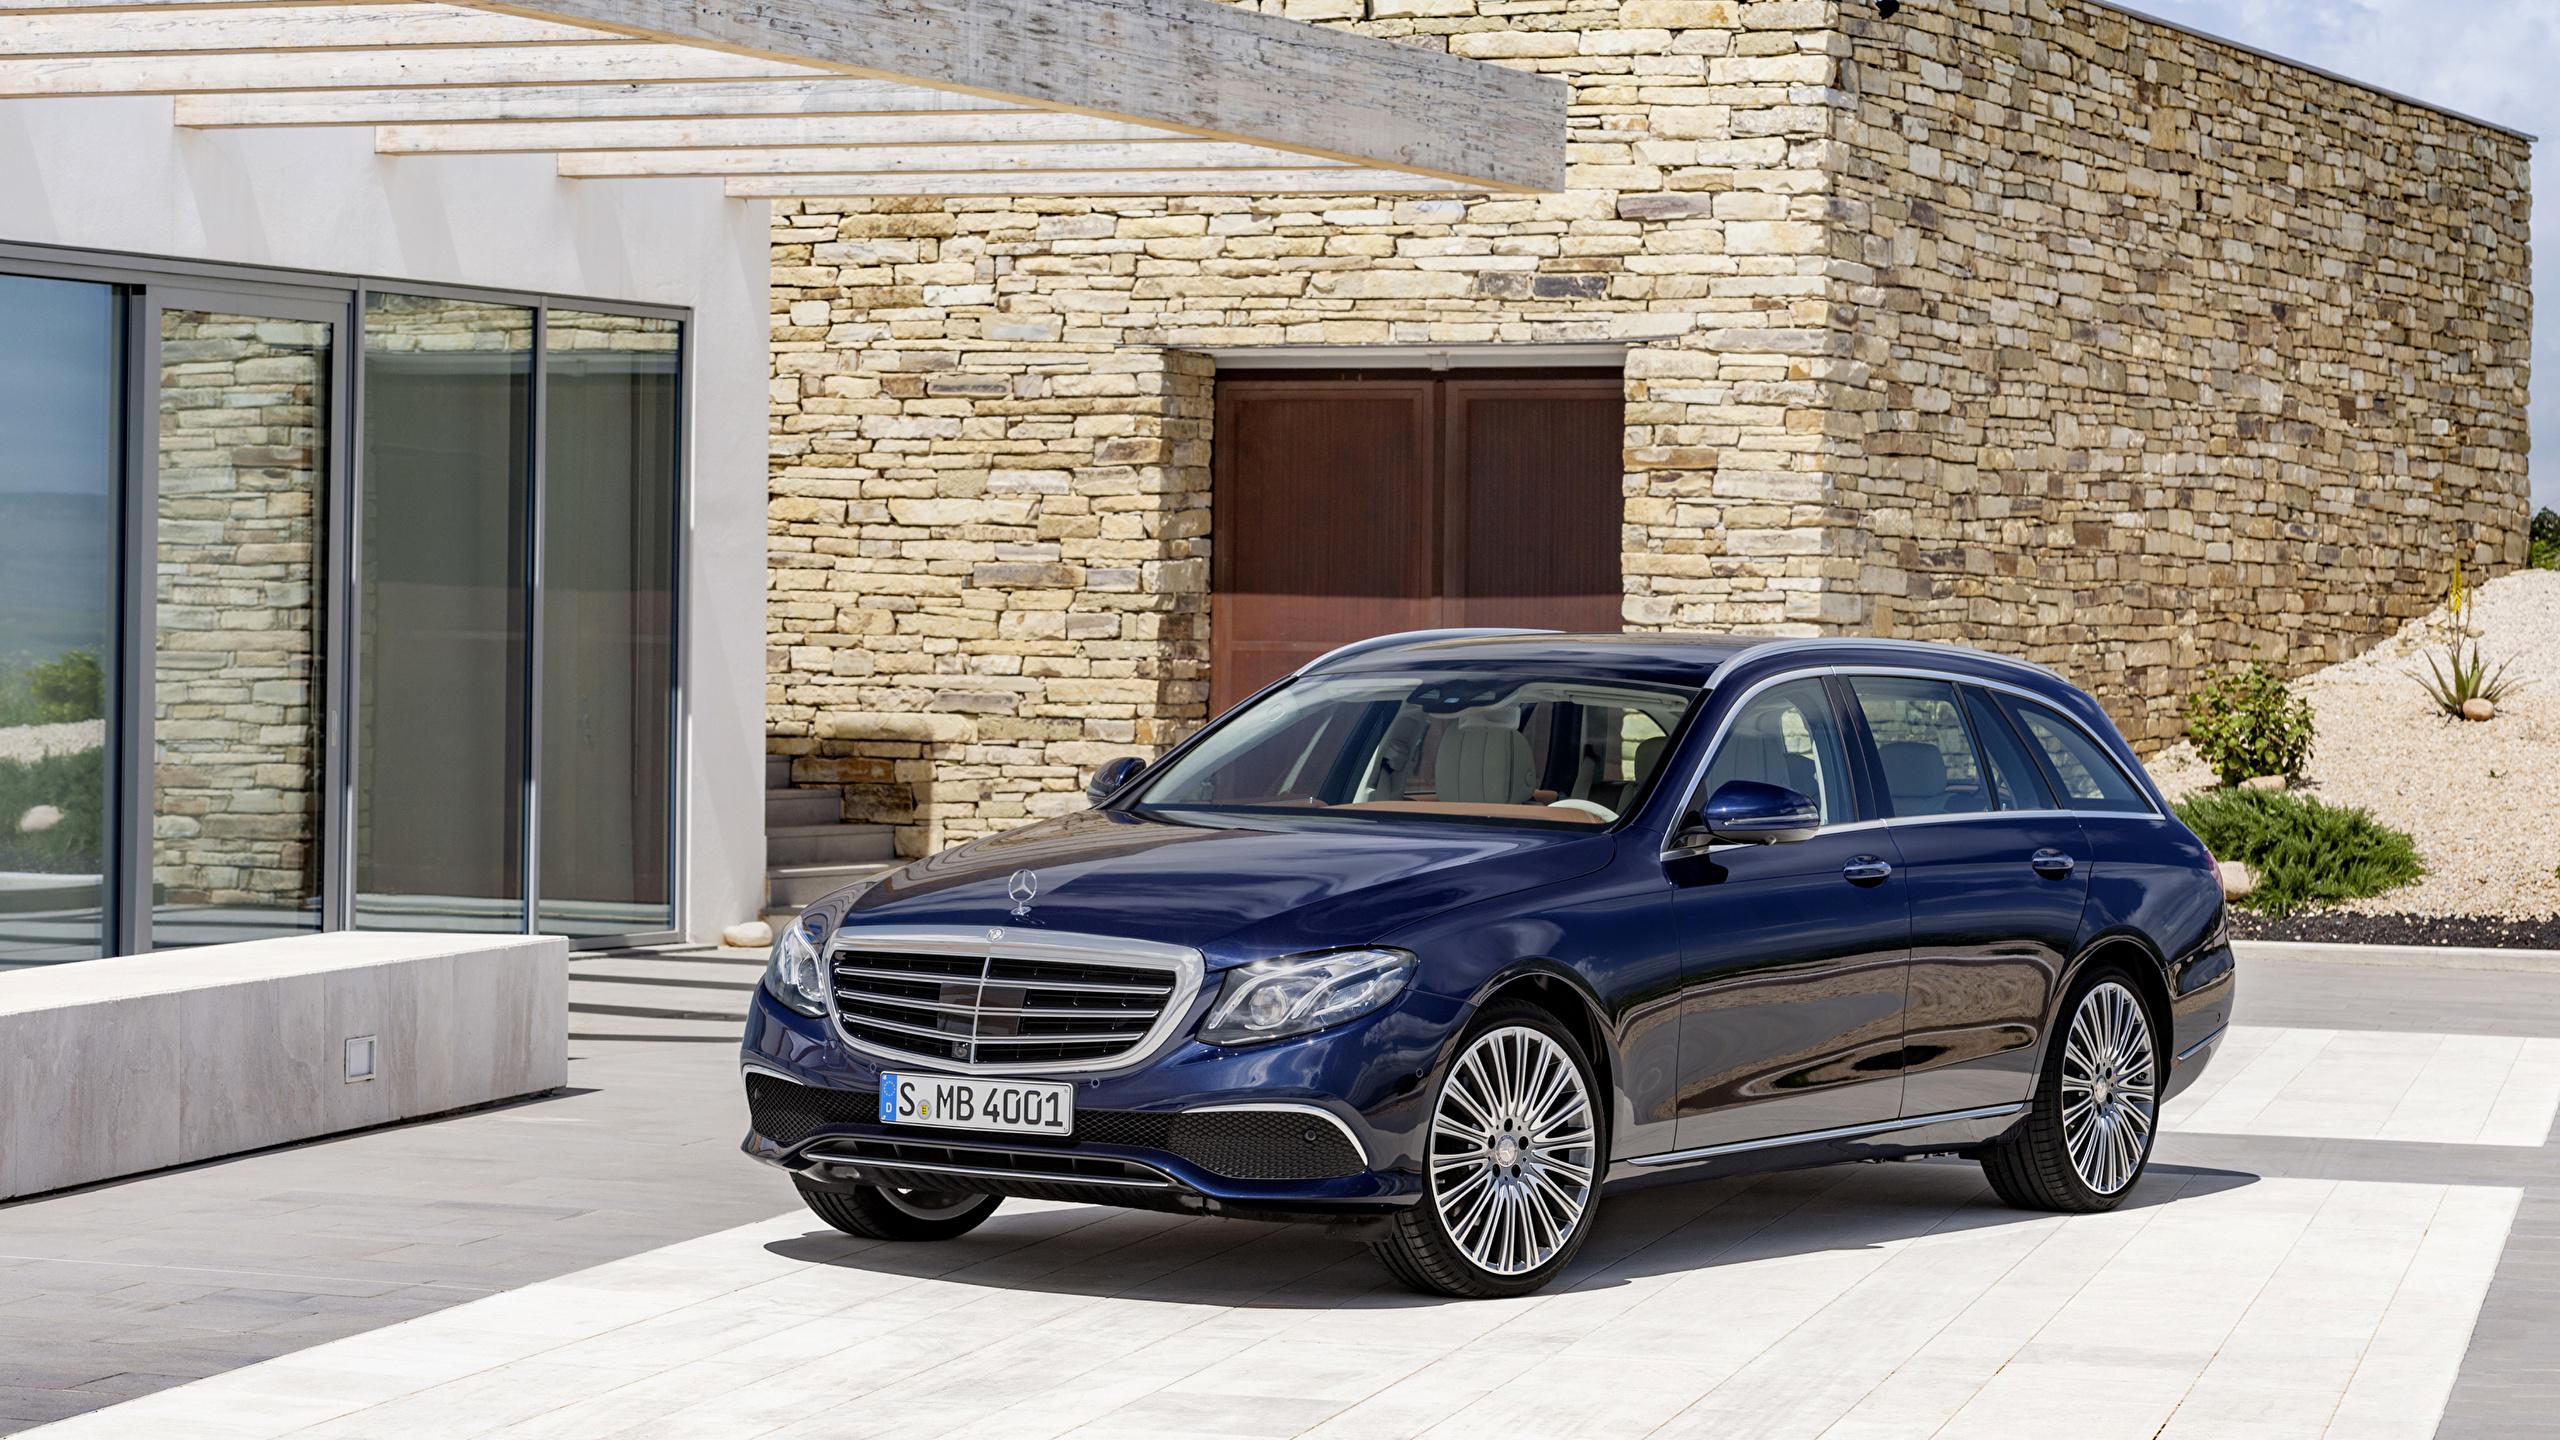 Картинка Mercedes-Benz 2016 E 200 d Exclusive Line Estate синяя Металлик Автомобили 2560x1440 Мерседес бенц синих синие Синий авто машина машины автомобиль